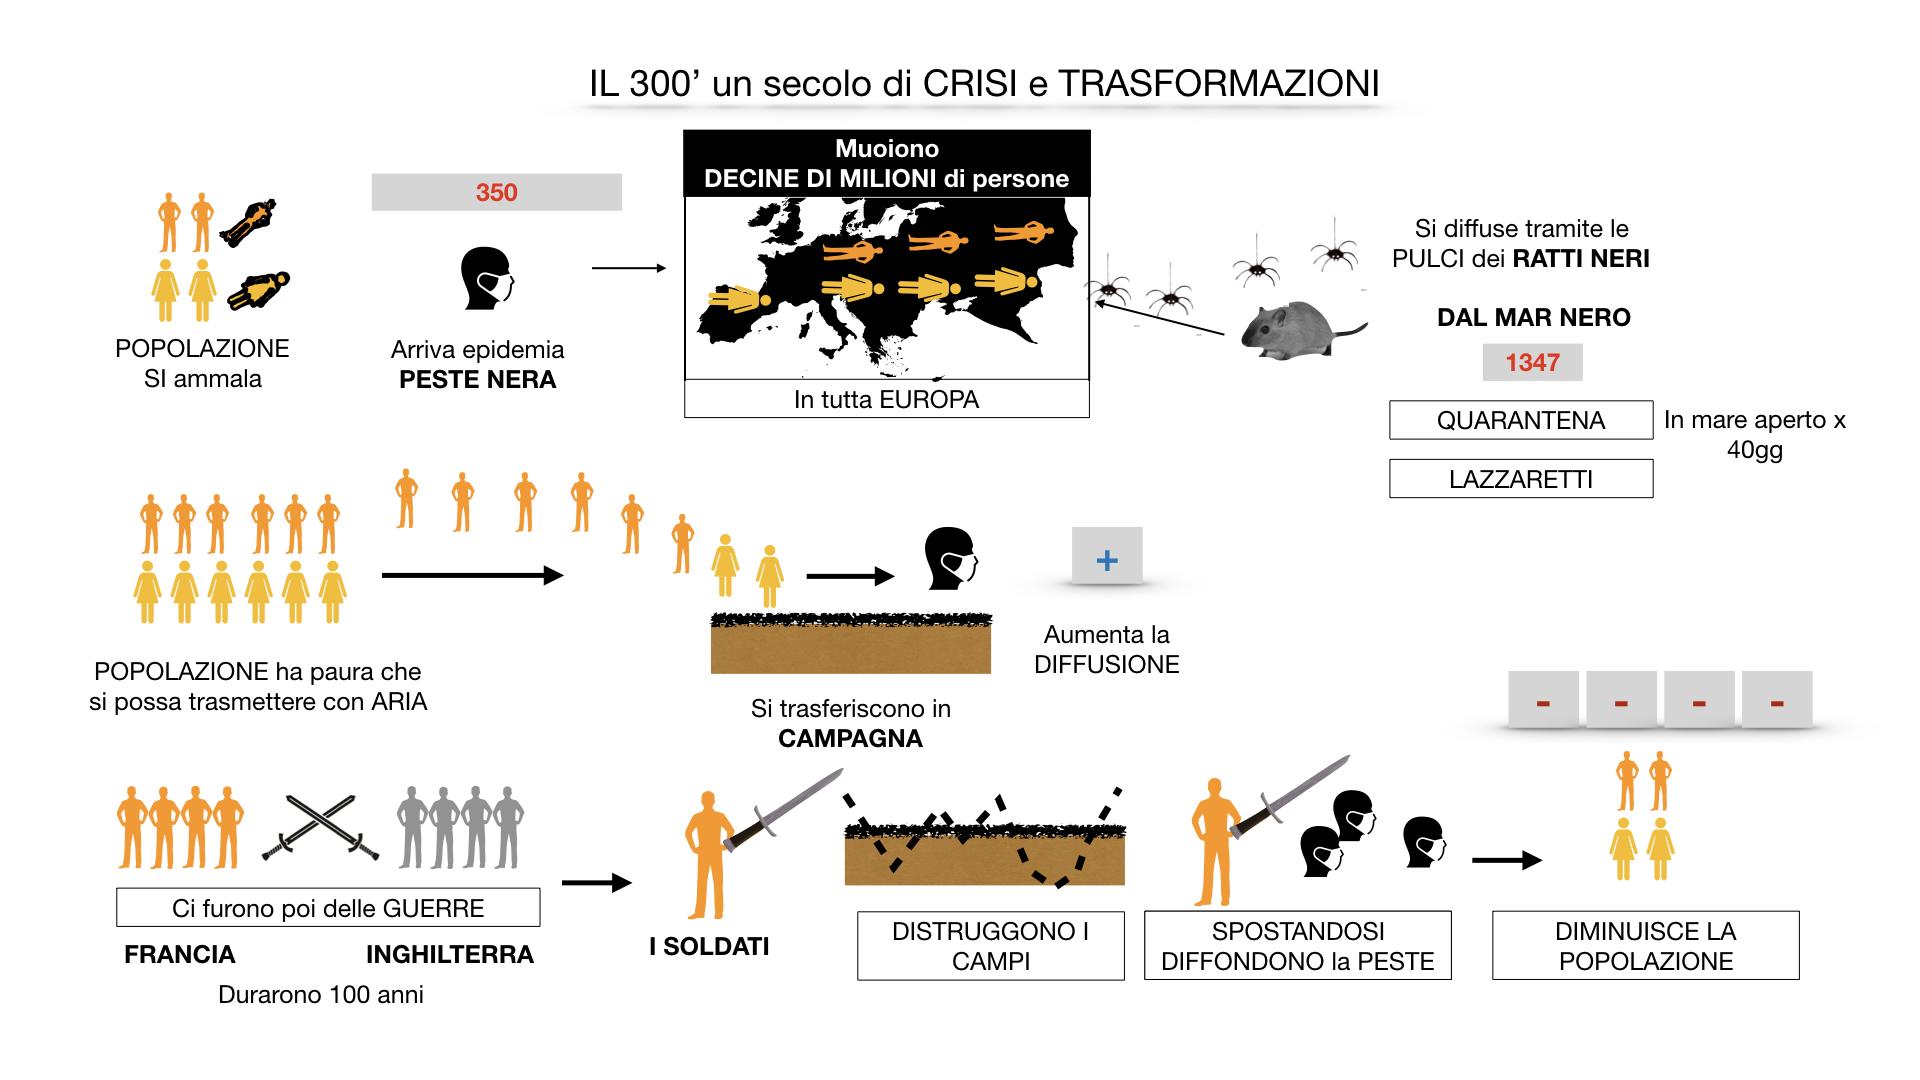 il 300 crisi e trasformazioni_ SIMULAZIONE.034